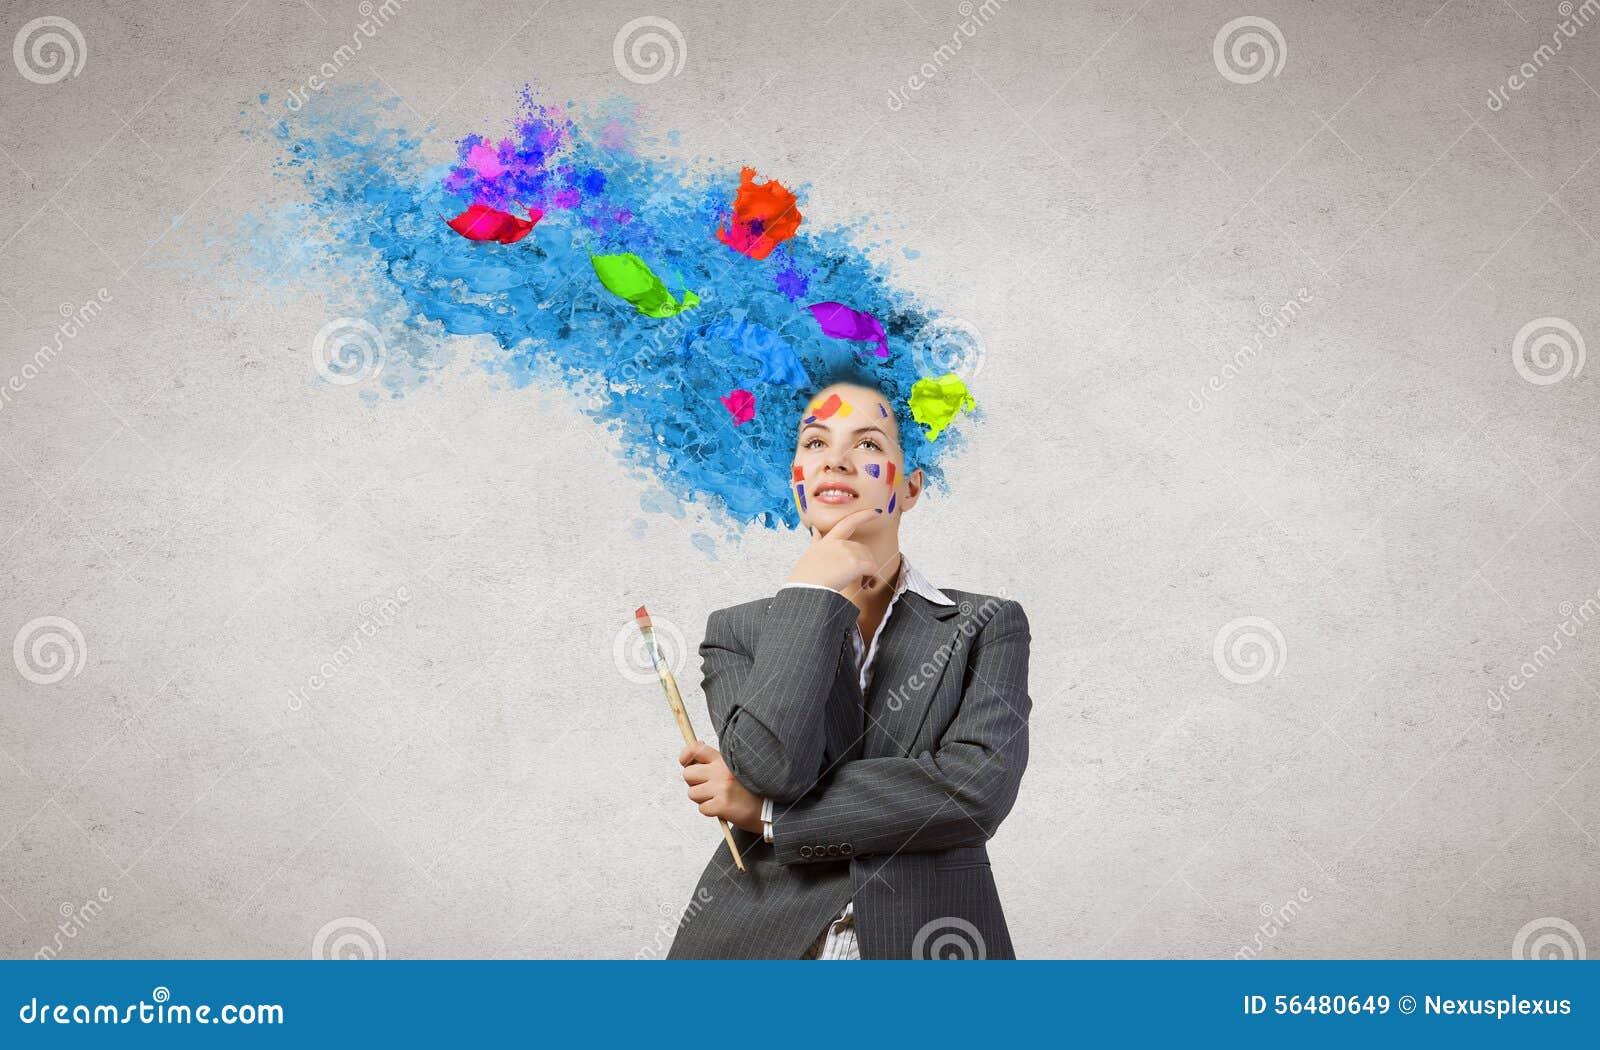 Femme avec la tête colorée